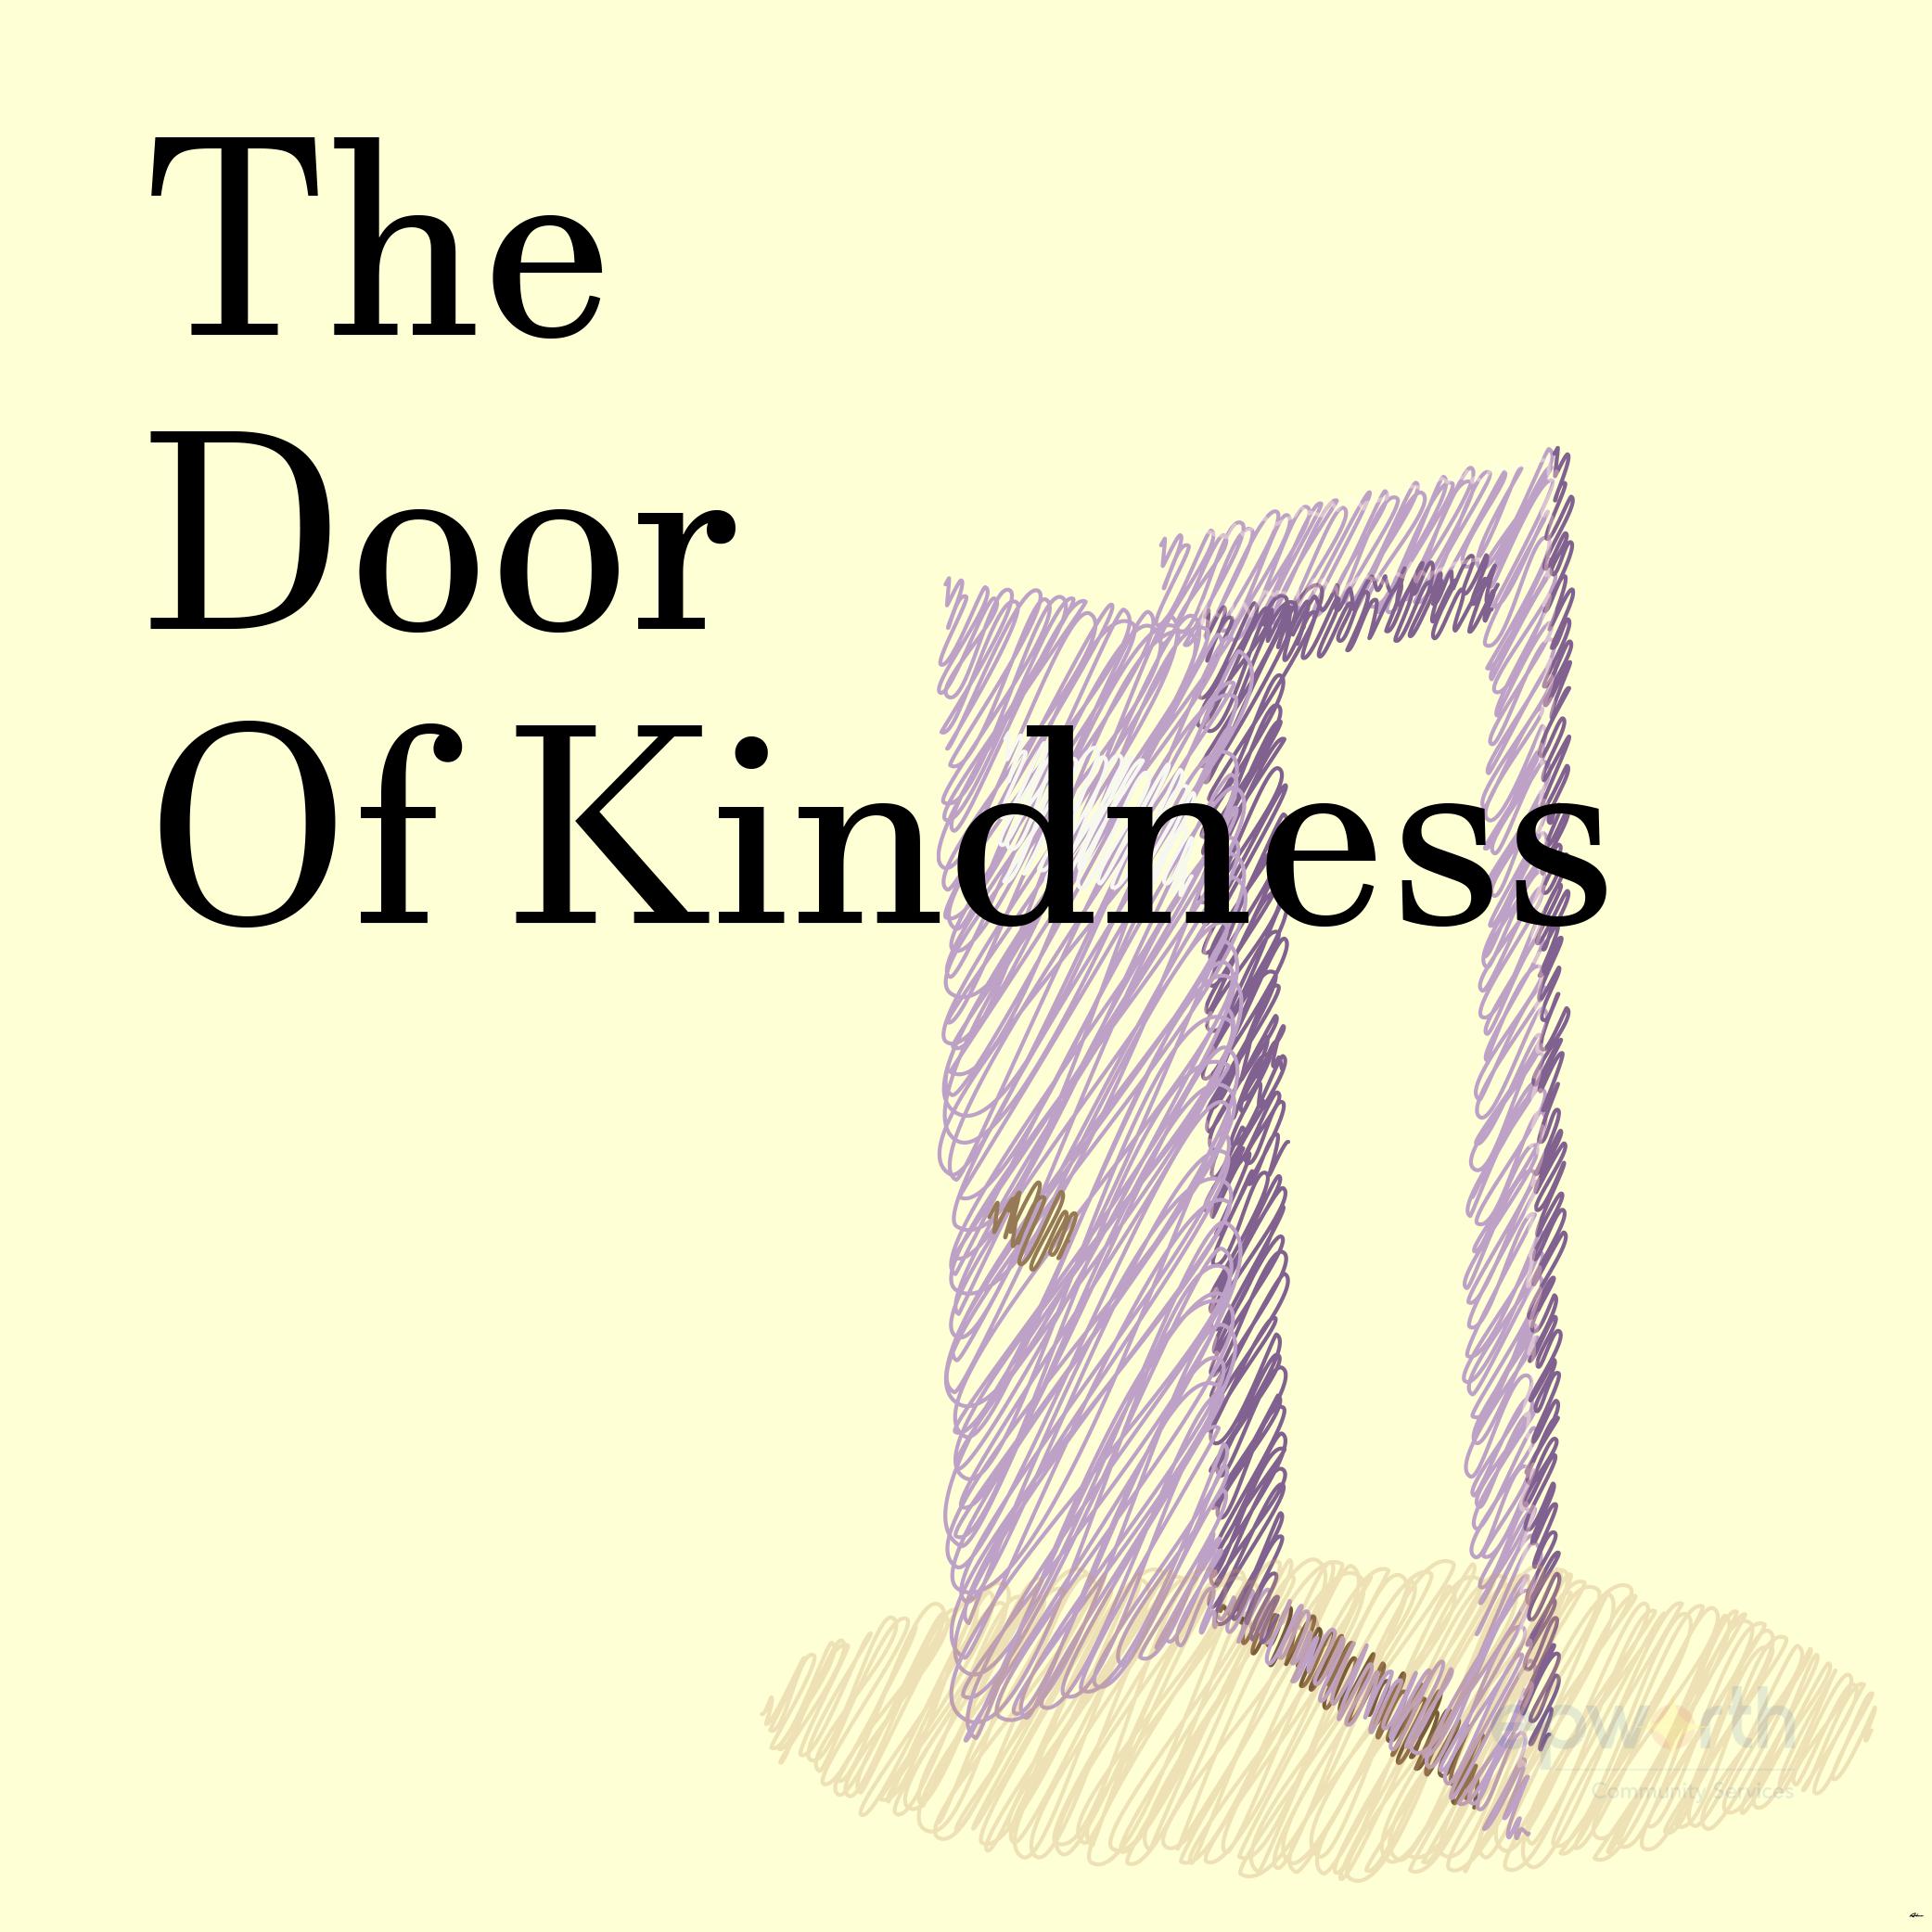 The Door of Kindness